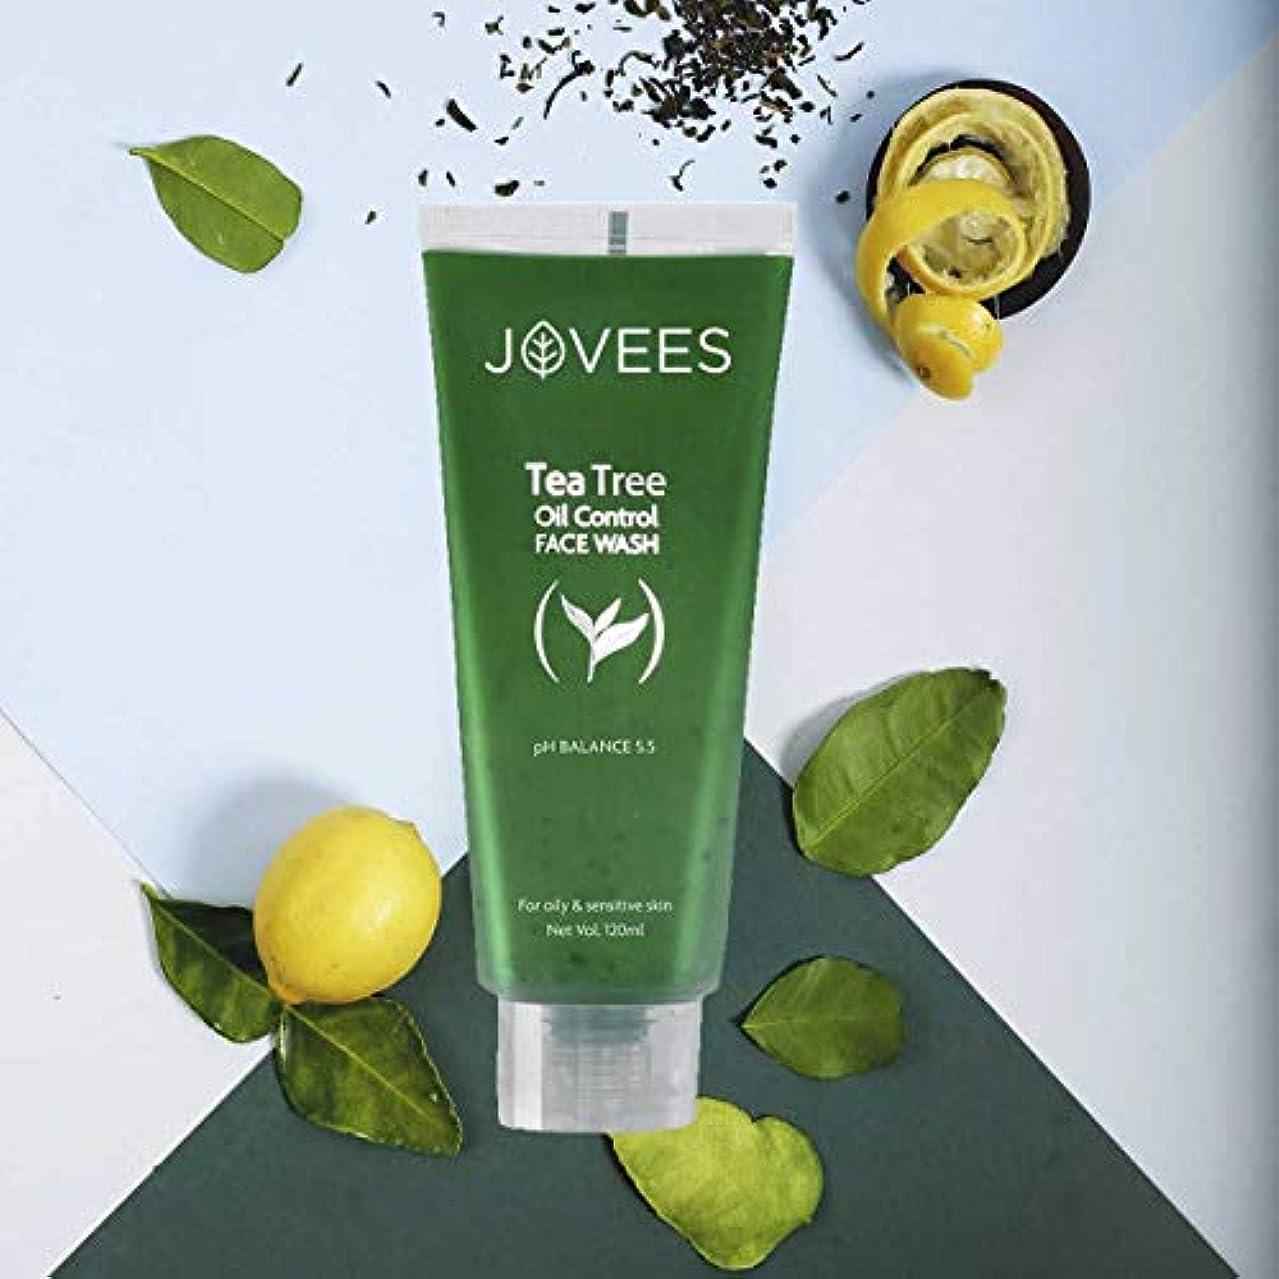 書き込み麻痺抽選Jovees Tea Tree Oil Control Face Wash 120ml Best for oily & sensitive skin control acne ティーツリーオイルコントロールフェイスウォッシュ油性&敏感肌用にきびに最適